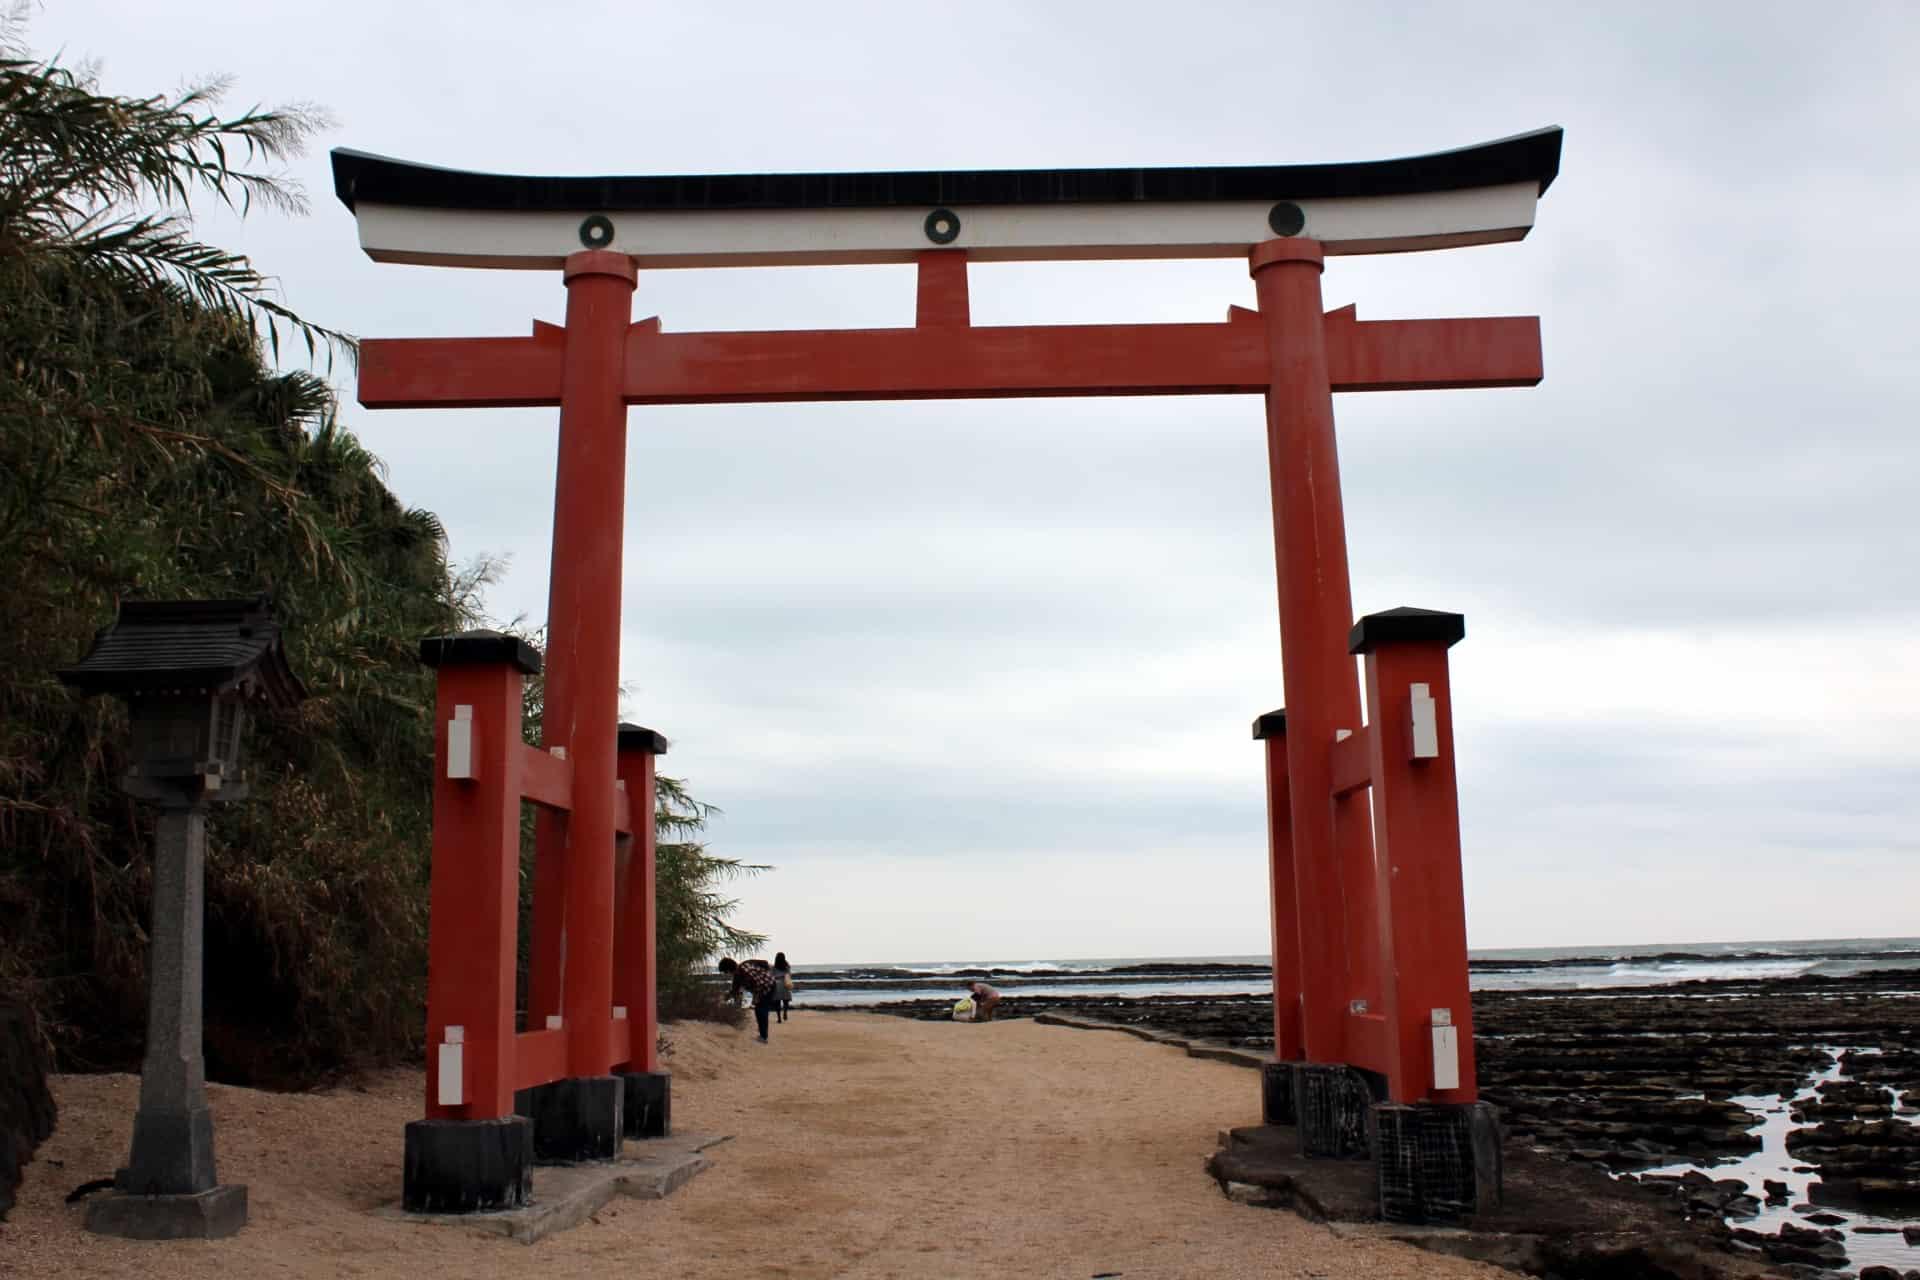 ที่เที่ยว มิยาซากิ (Miyazaki) : ศาลเจ้าอาโอชิมะ (Aoshima Shrine)